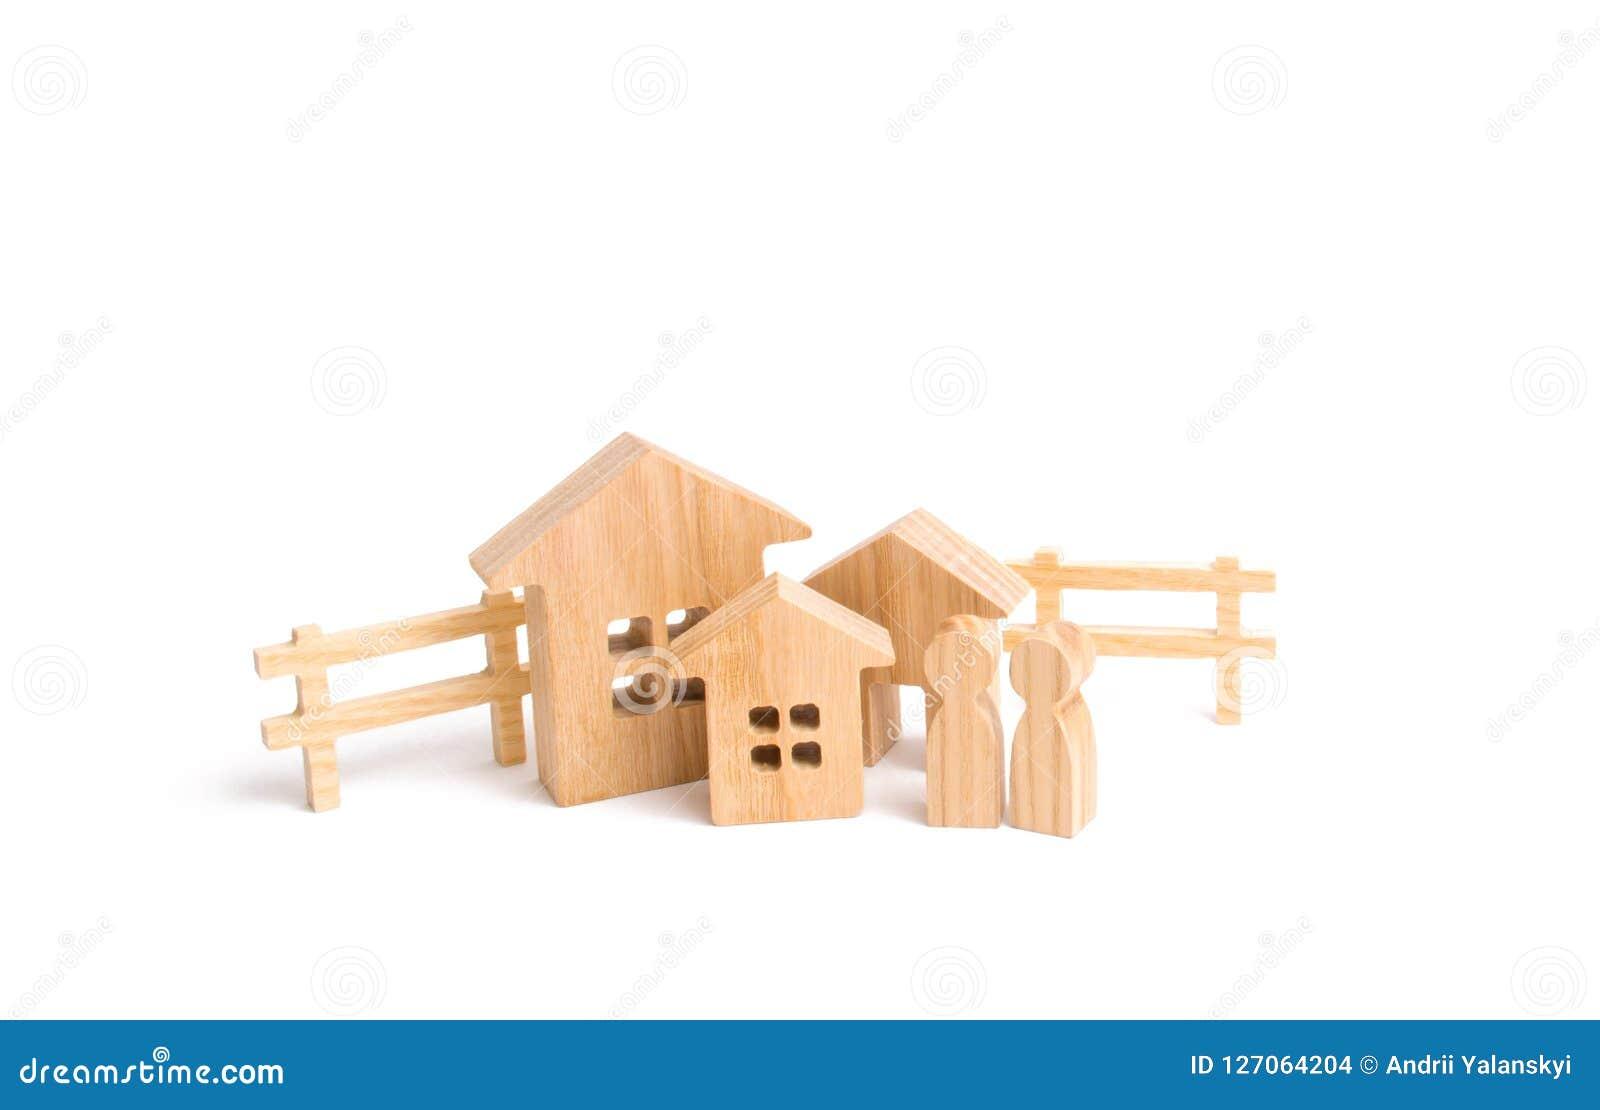 Köp och försäljning av fastigheten, investering Konstruktion av lantgårdar av industriella komplex Trähus och folk